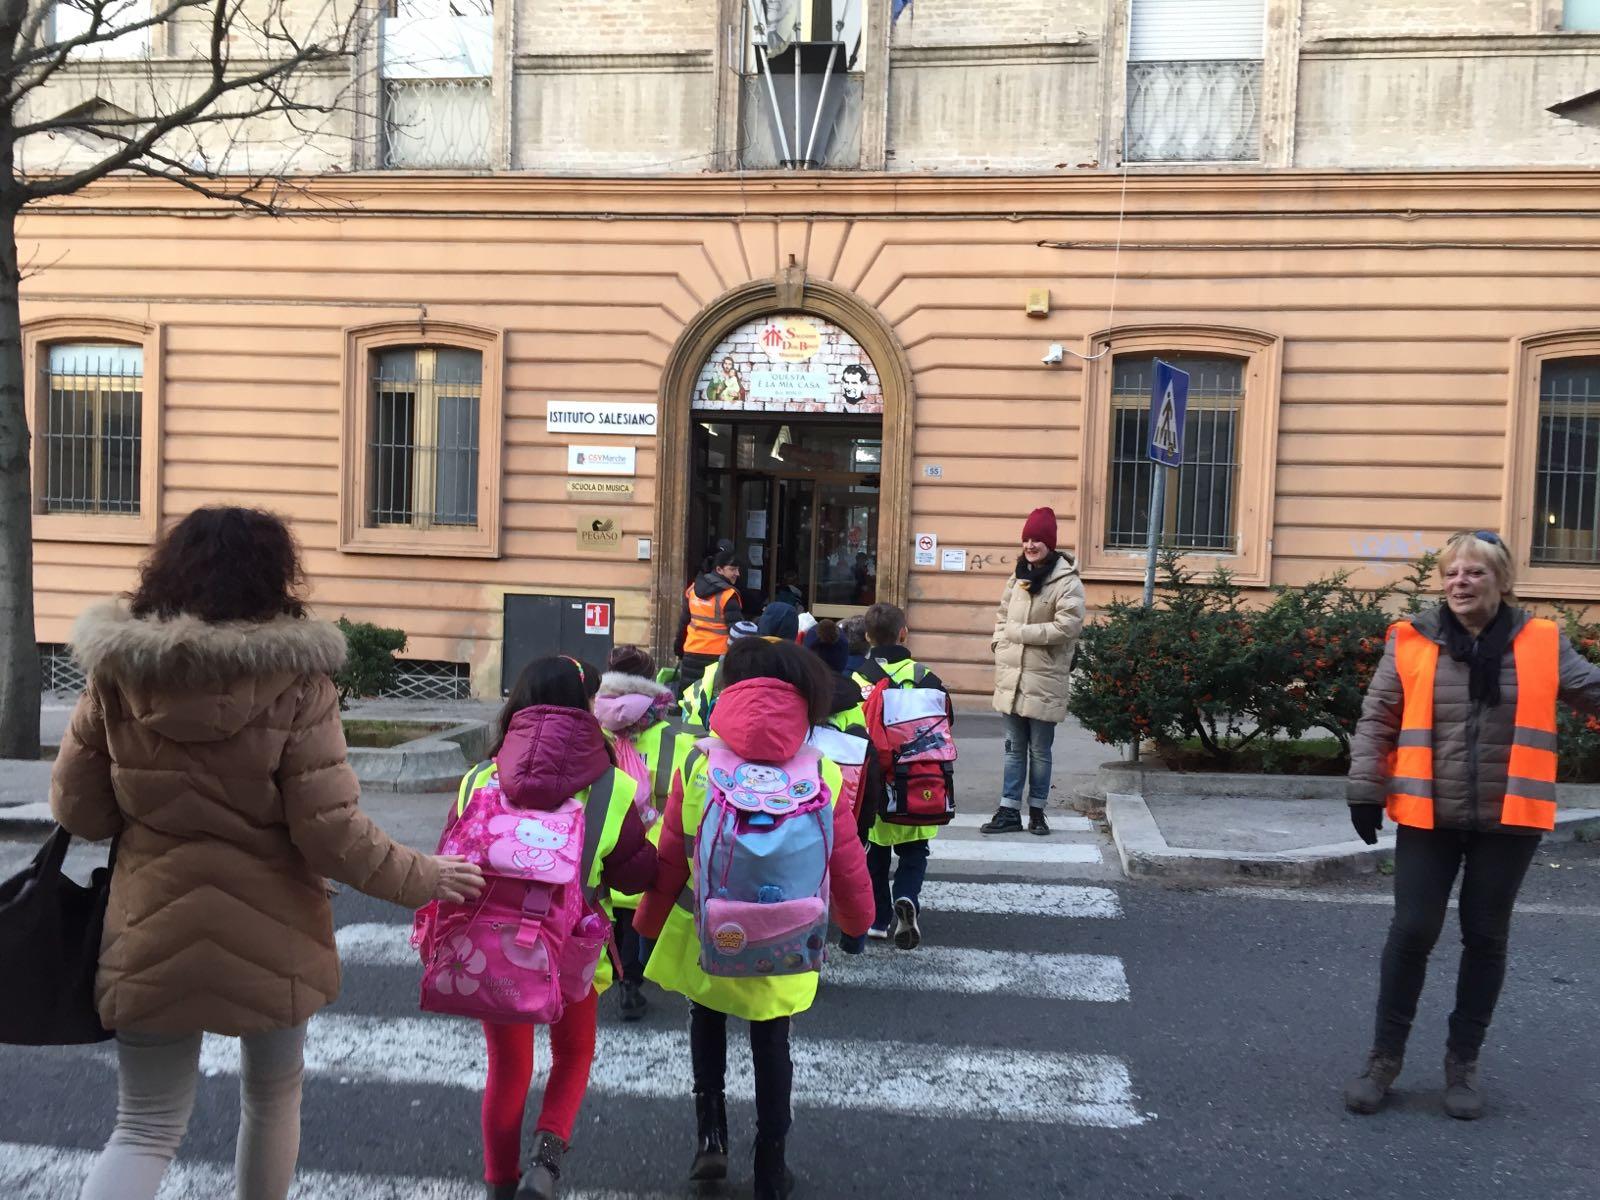 Ripartito Pedibus, l'accompagnamento a piedi dei bambini delle scuole primarie